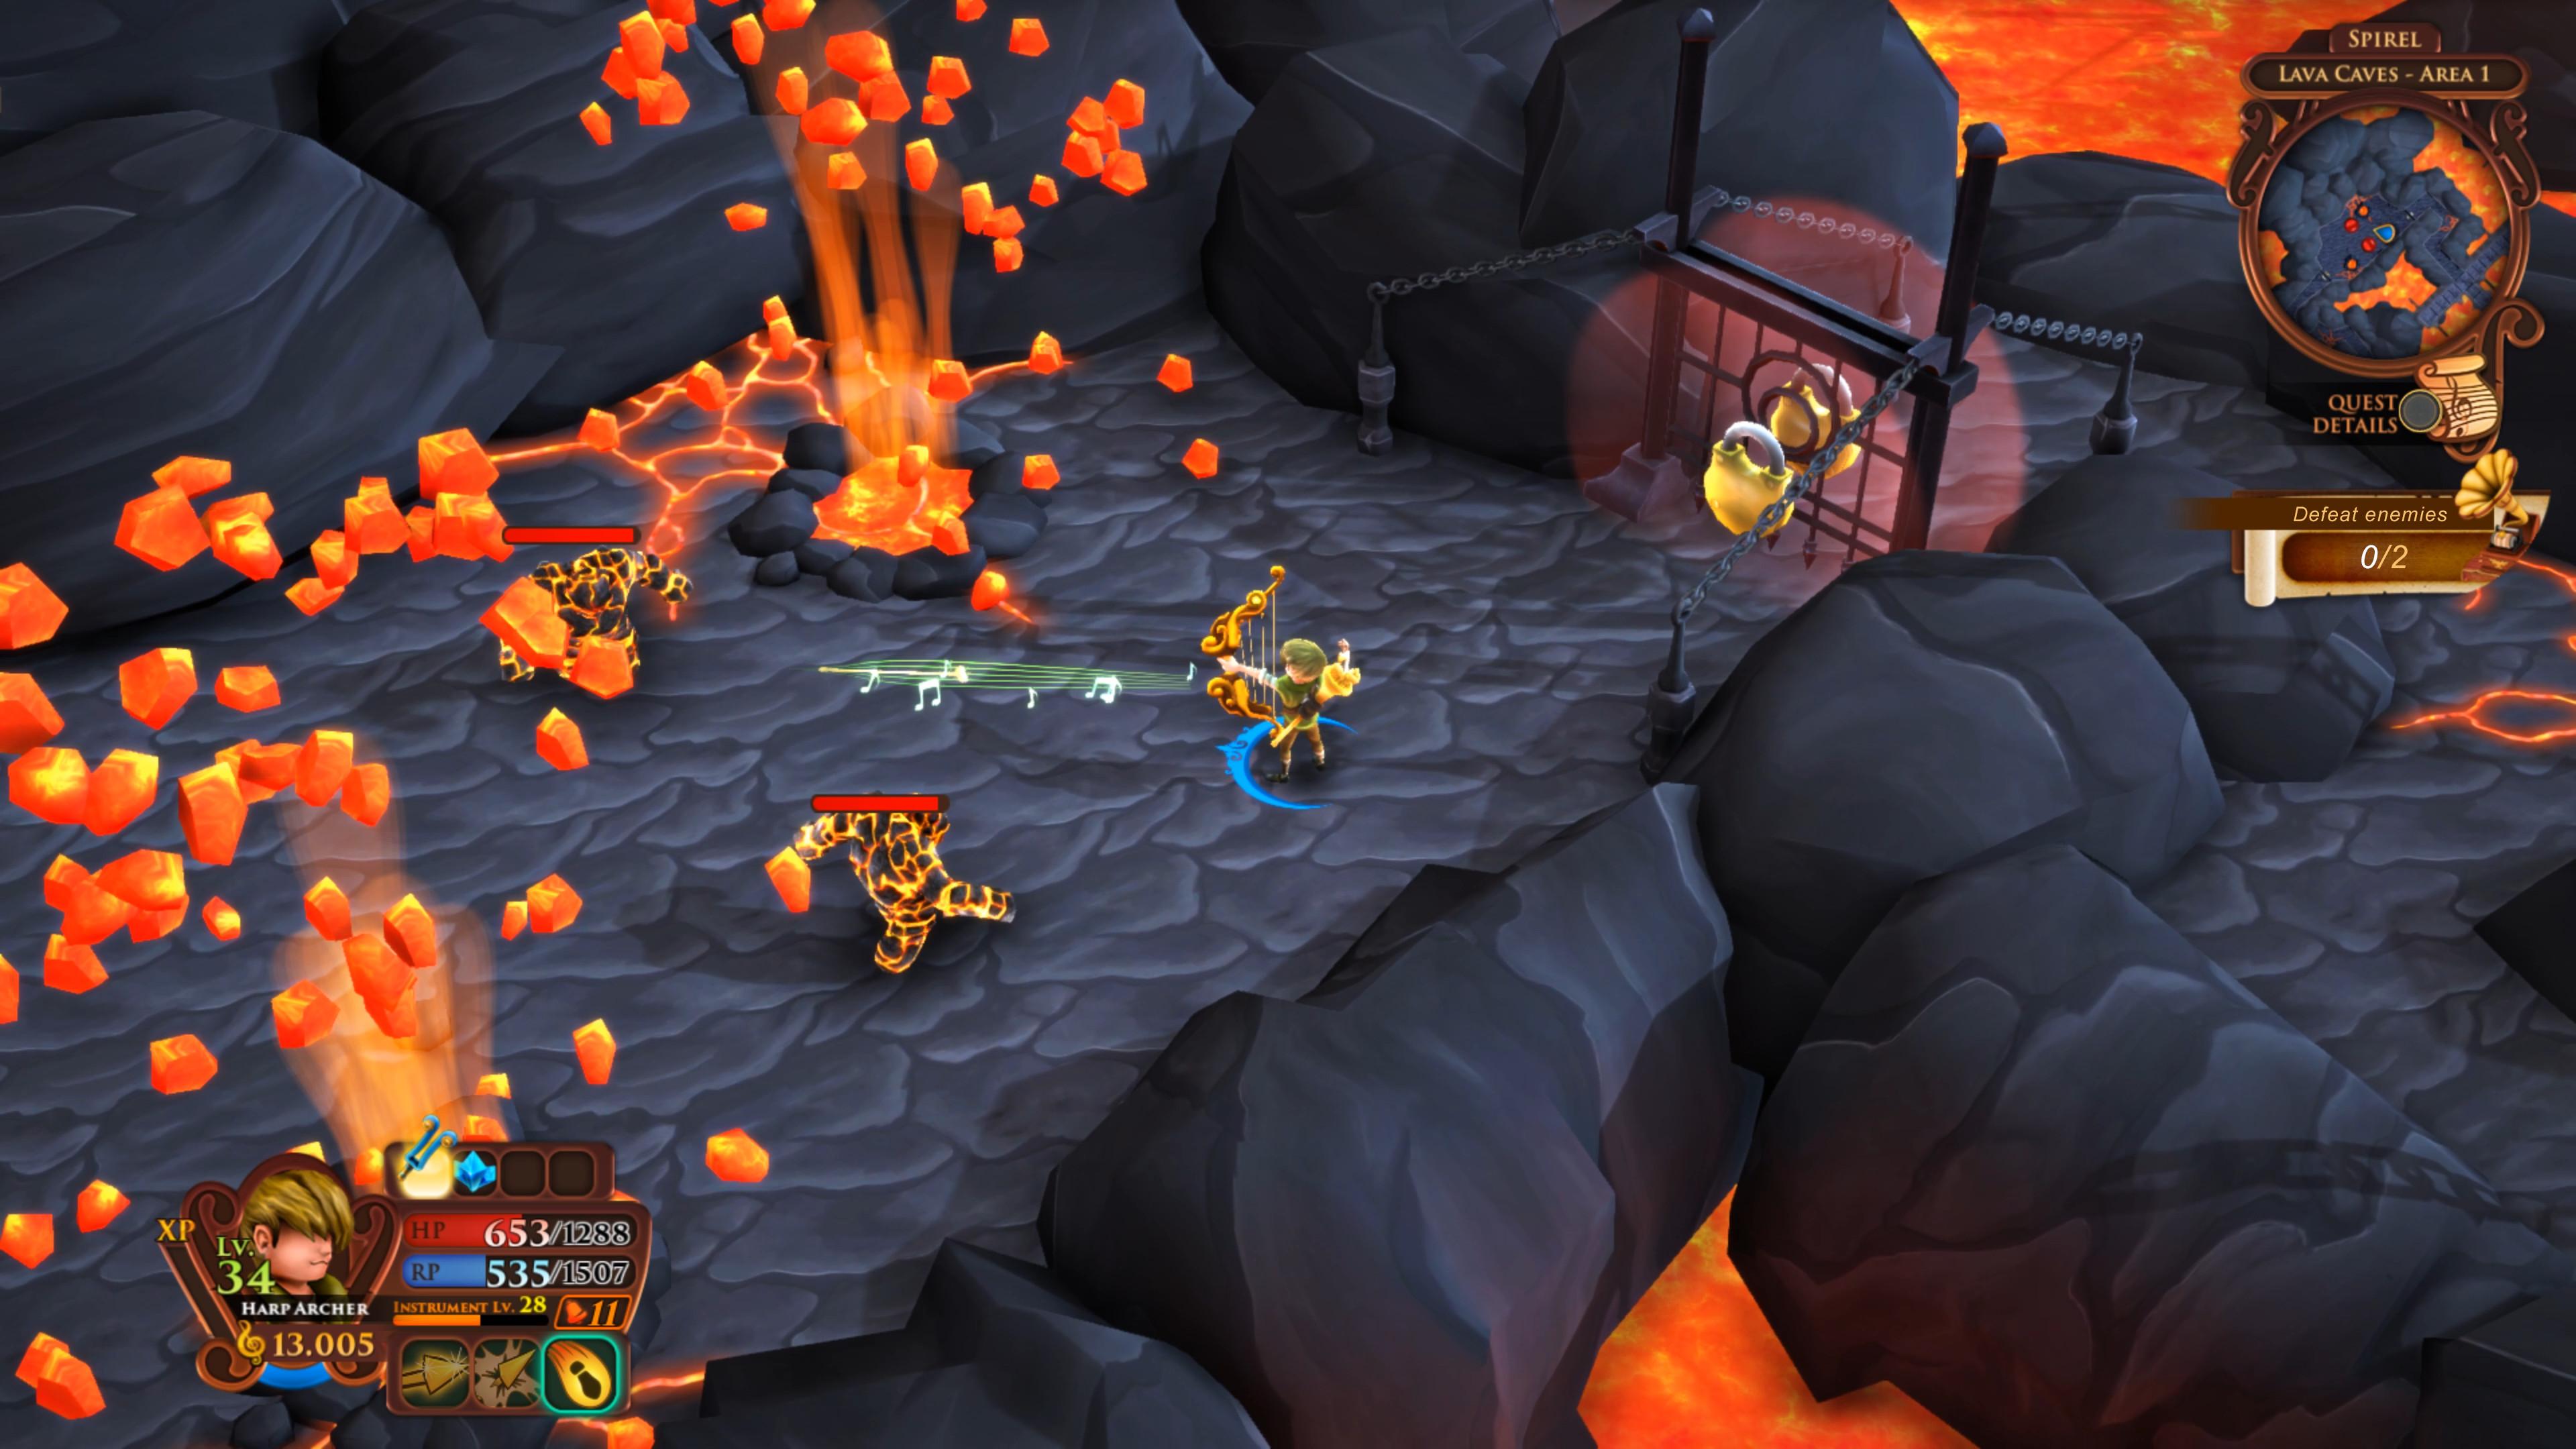 AereA screenshot